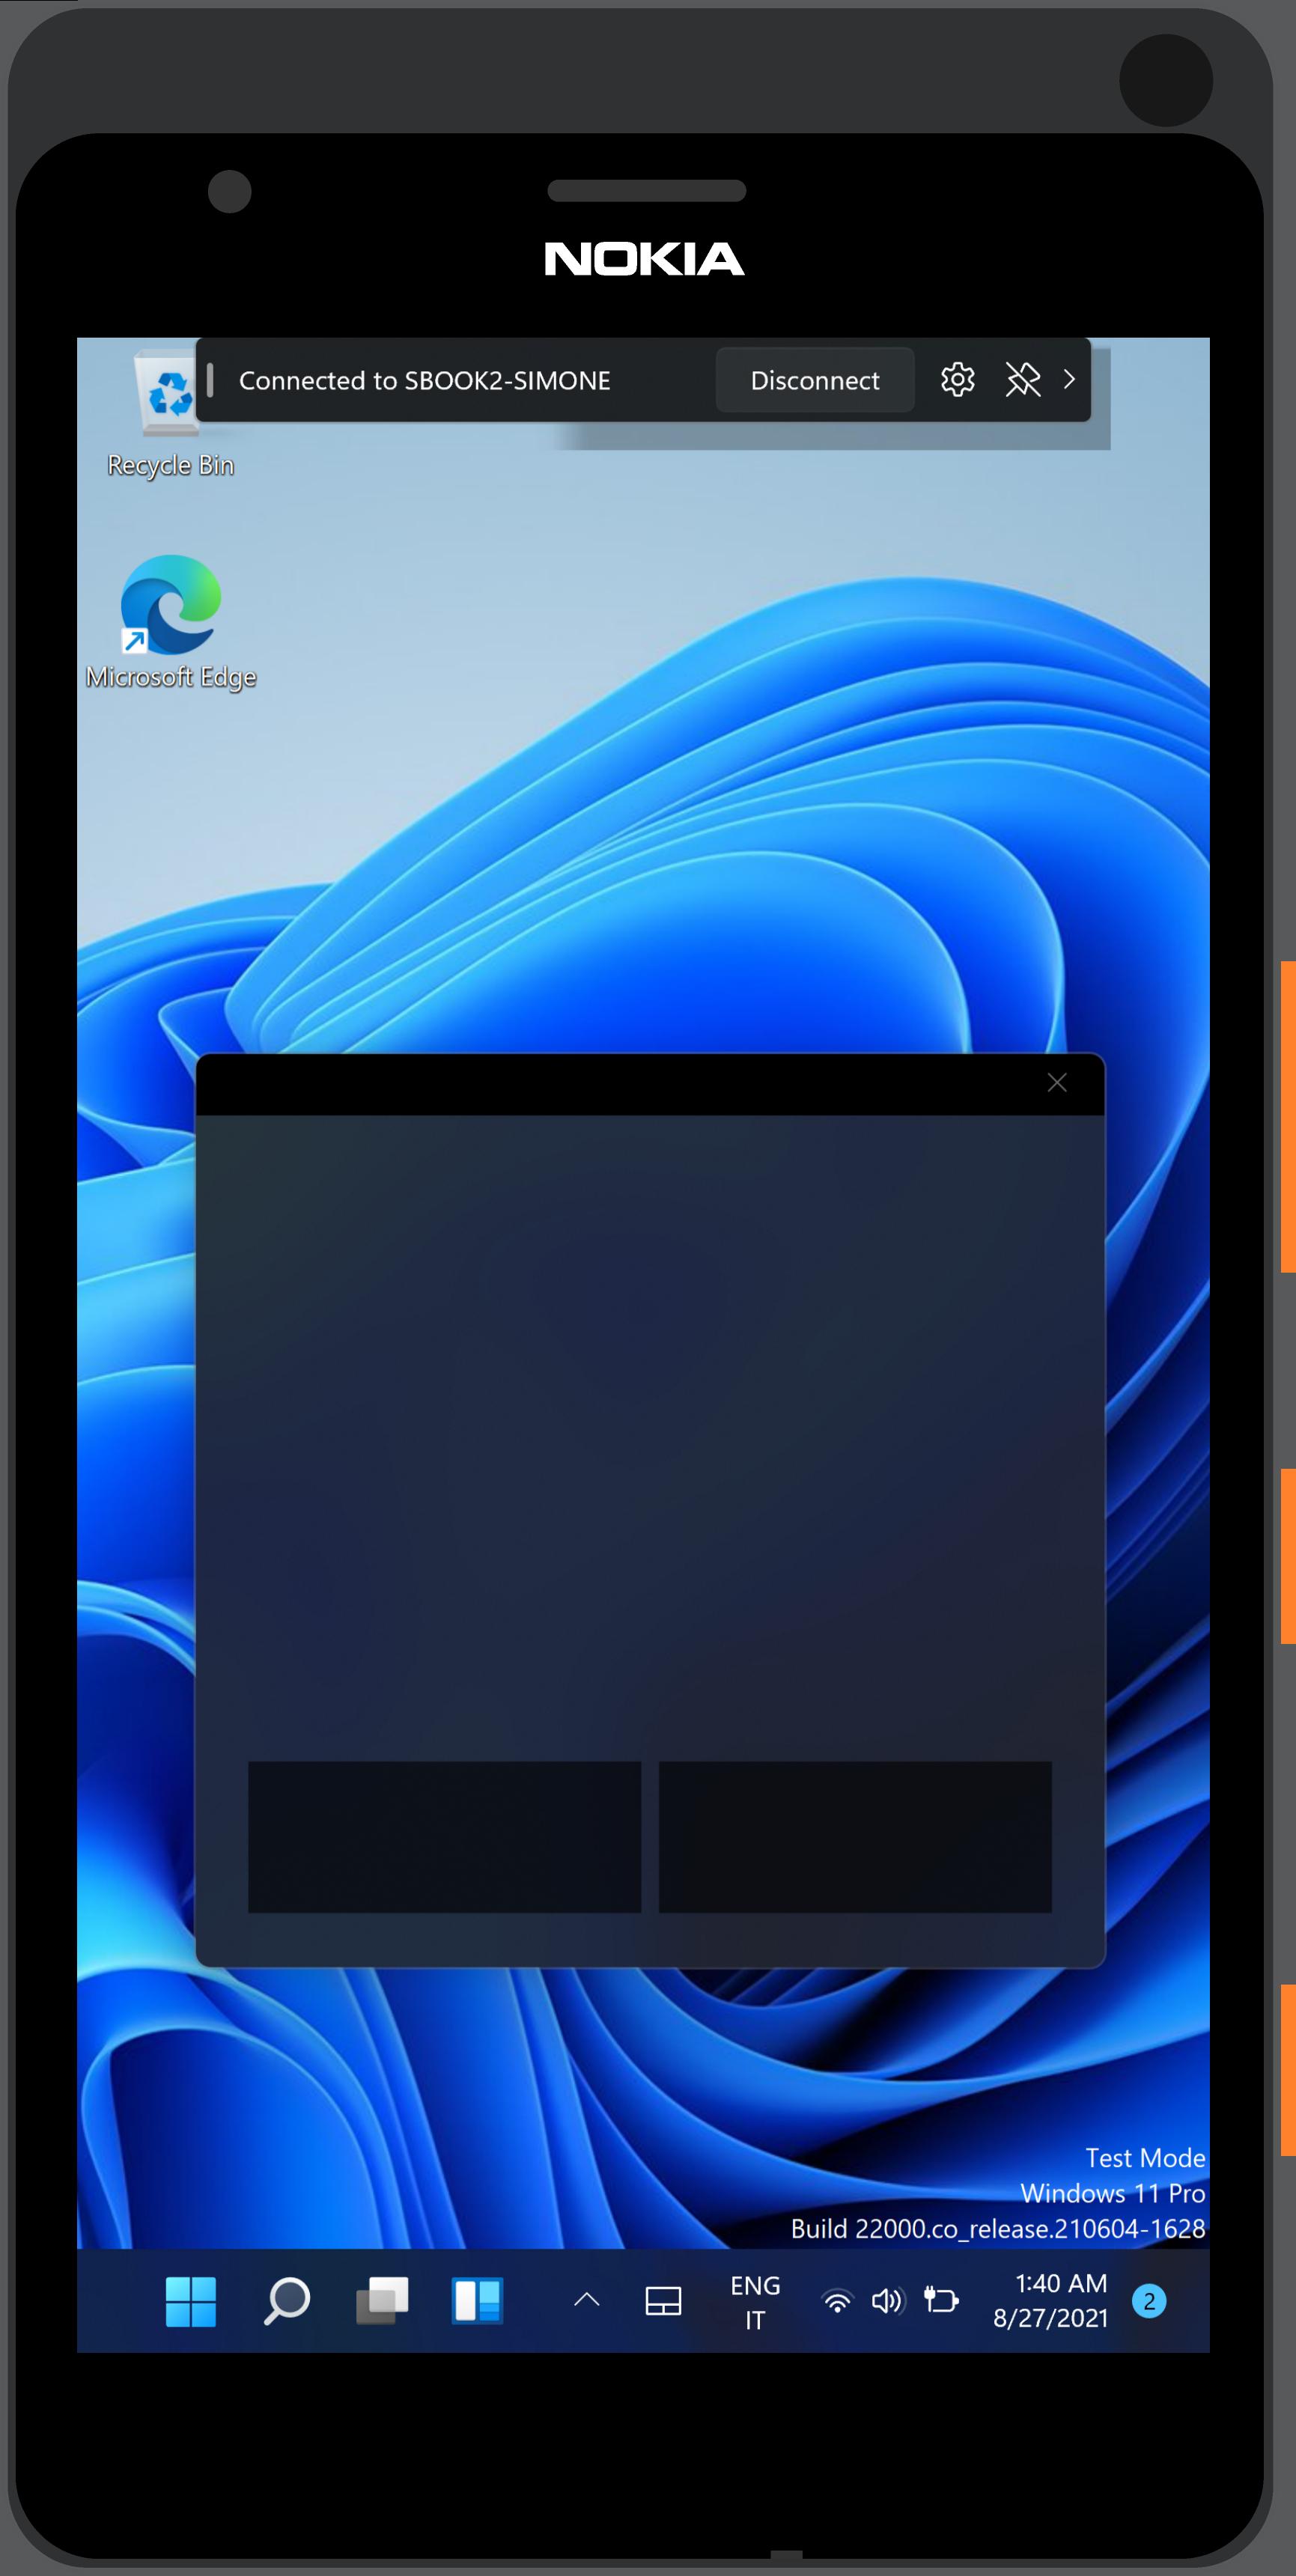 A Lumia 950